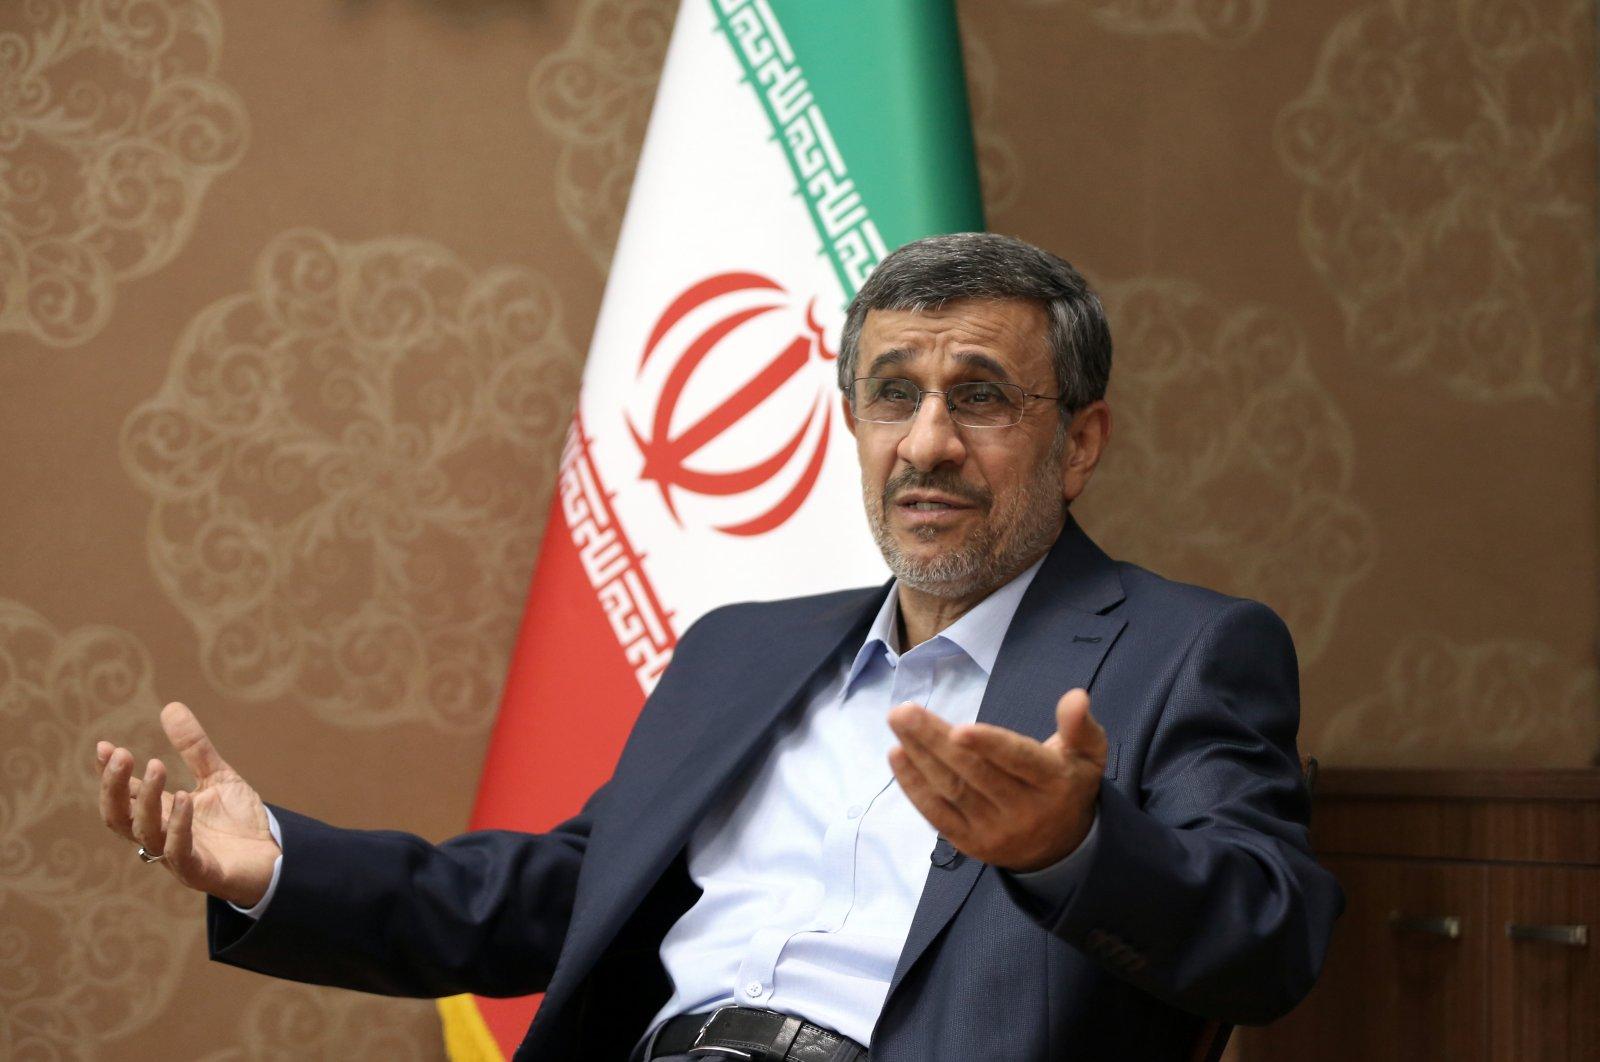 Former Iranian PresidentMahmoud Ahmadinejad speaks to Anadolu Agency (AA) in Tehran, Iran, May 7, 2021. (AA Photo)